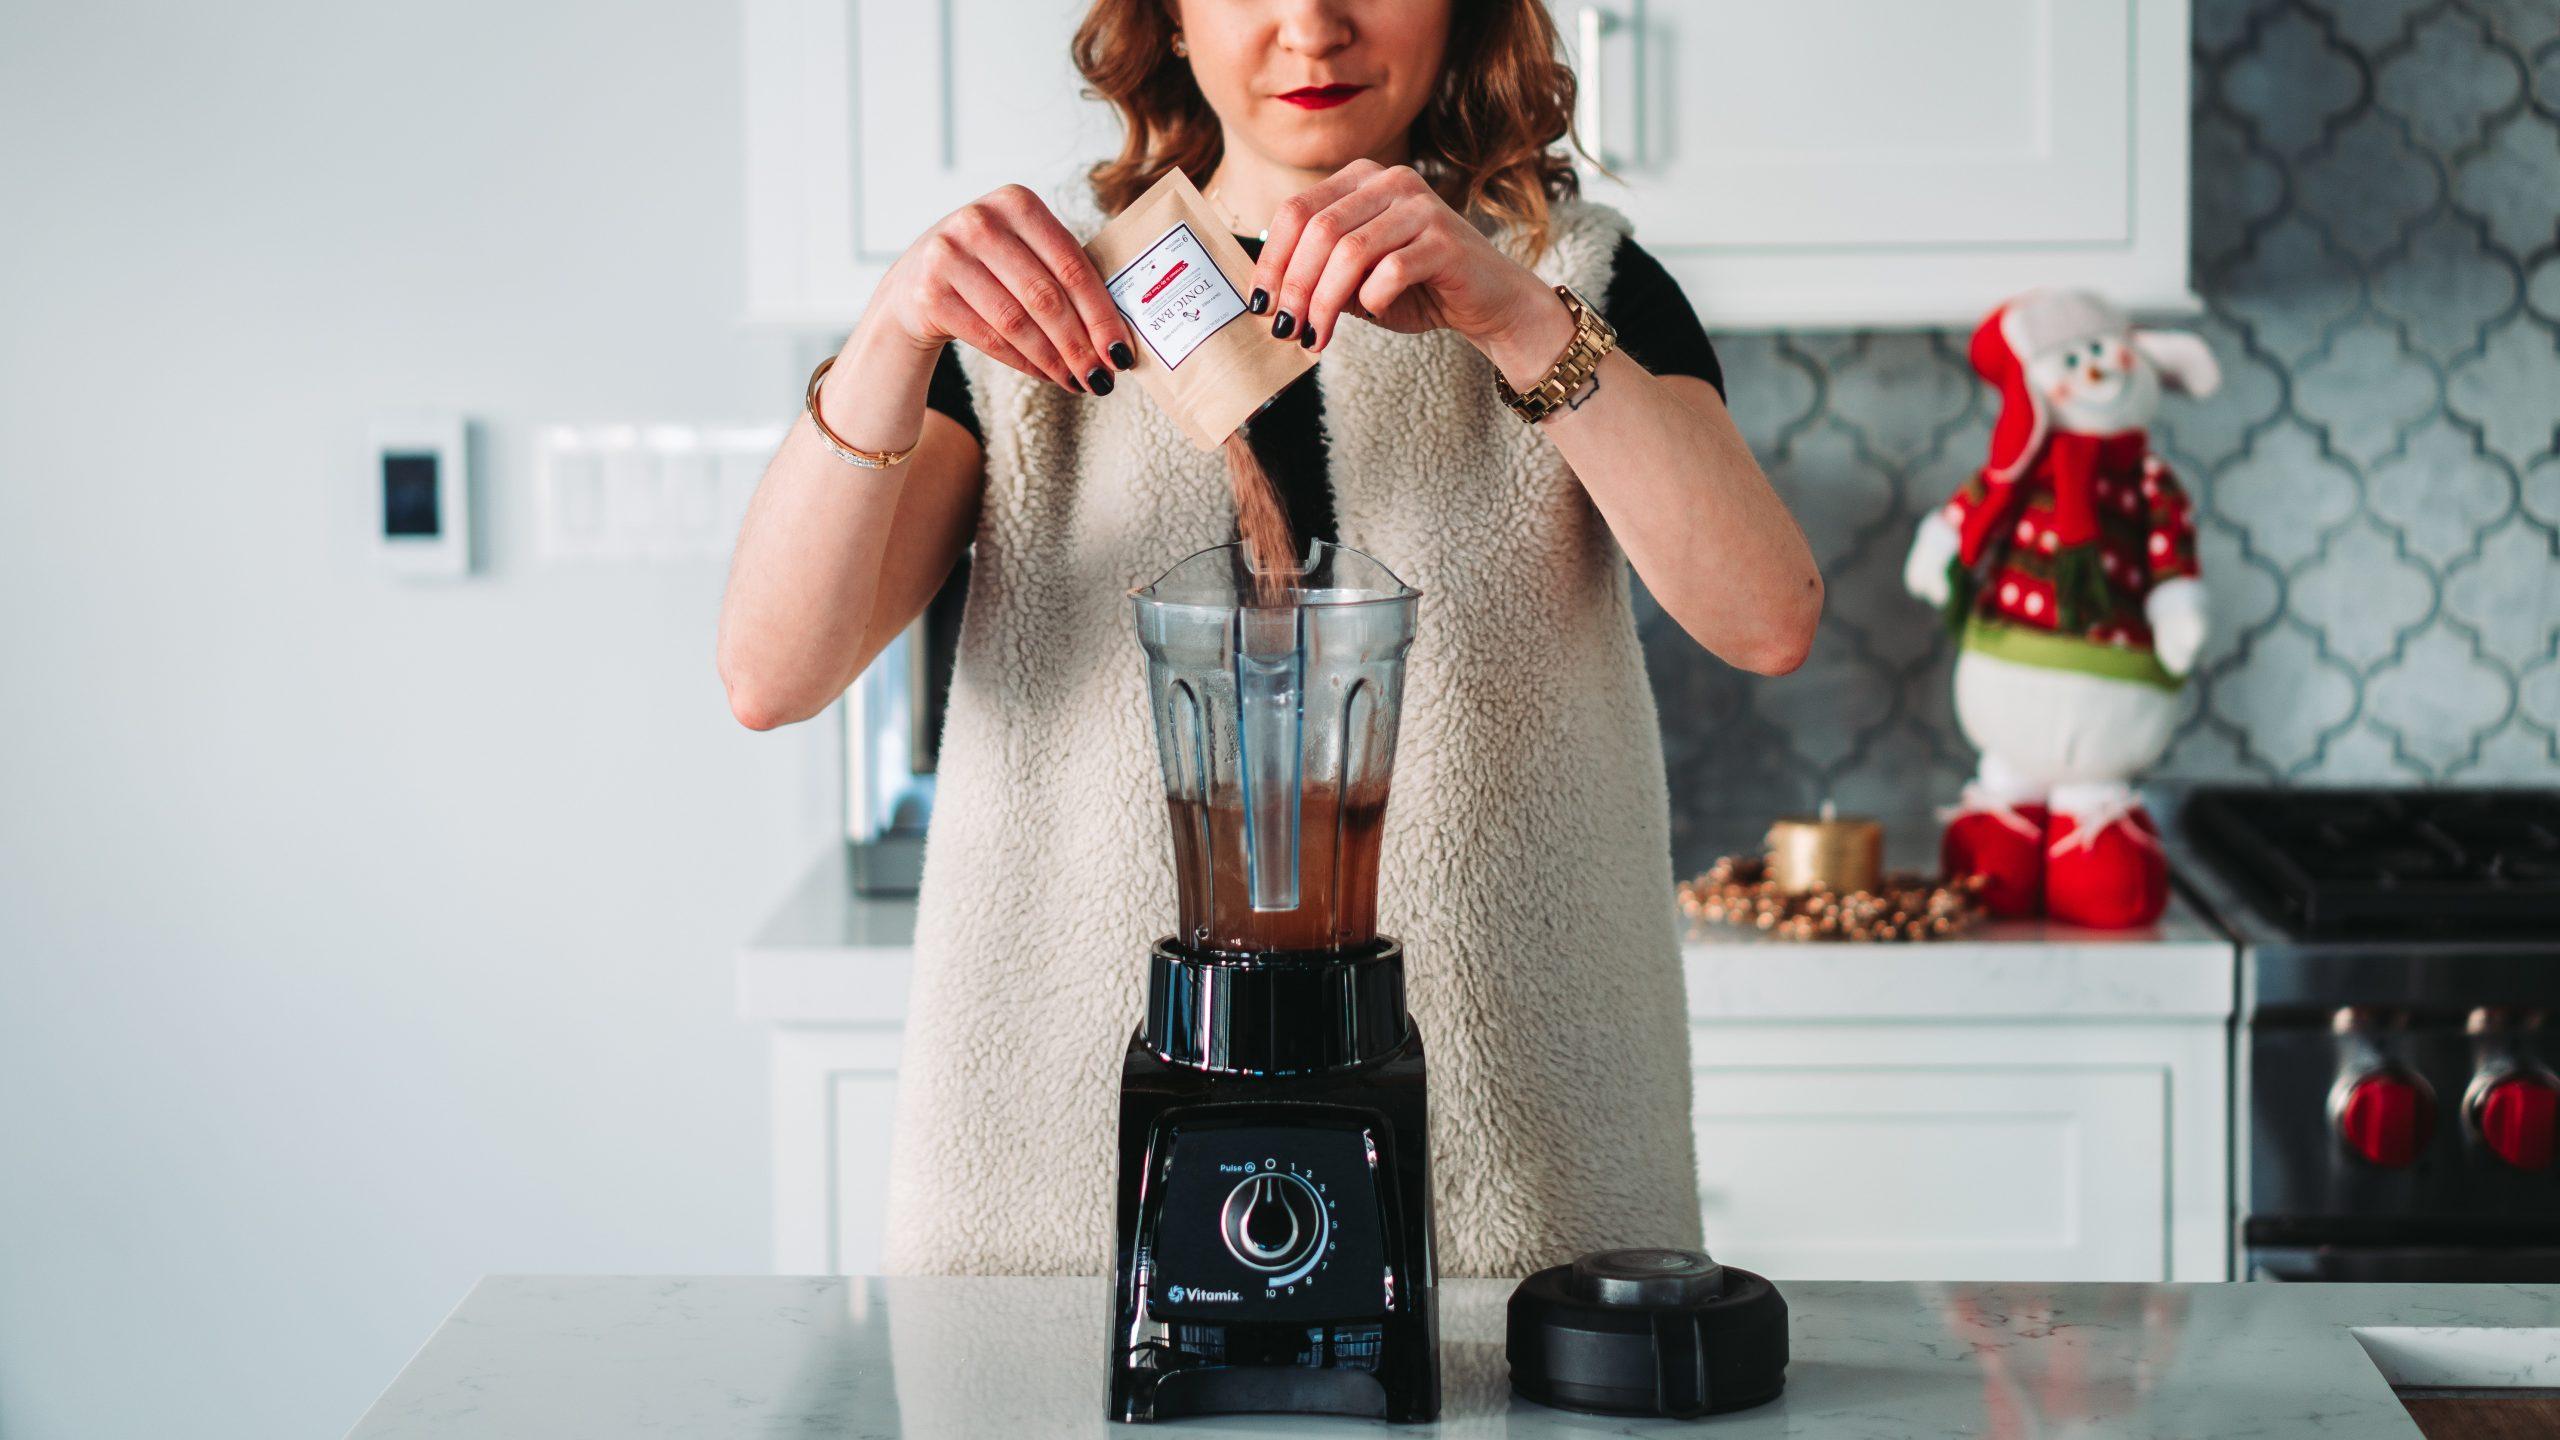 Imagem de uma mulher utilizando um liquidificador.